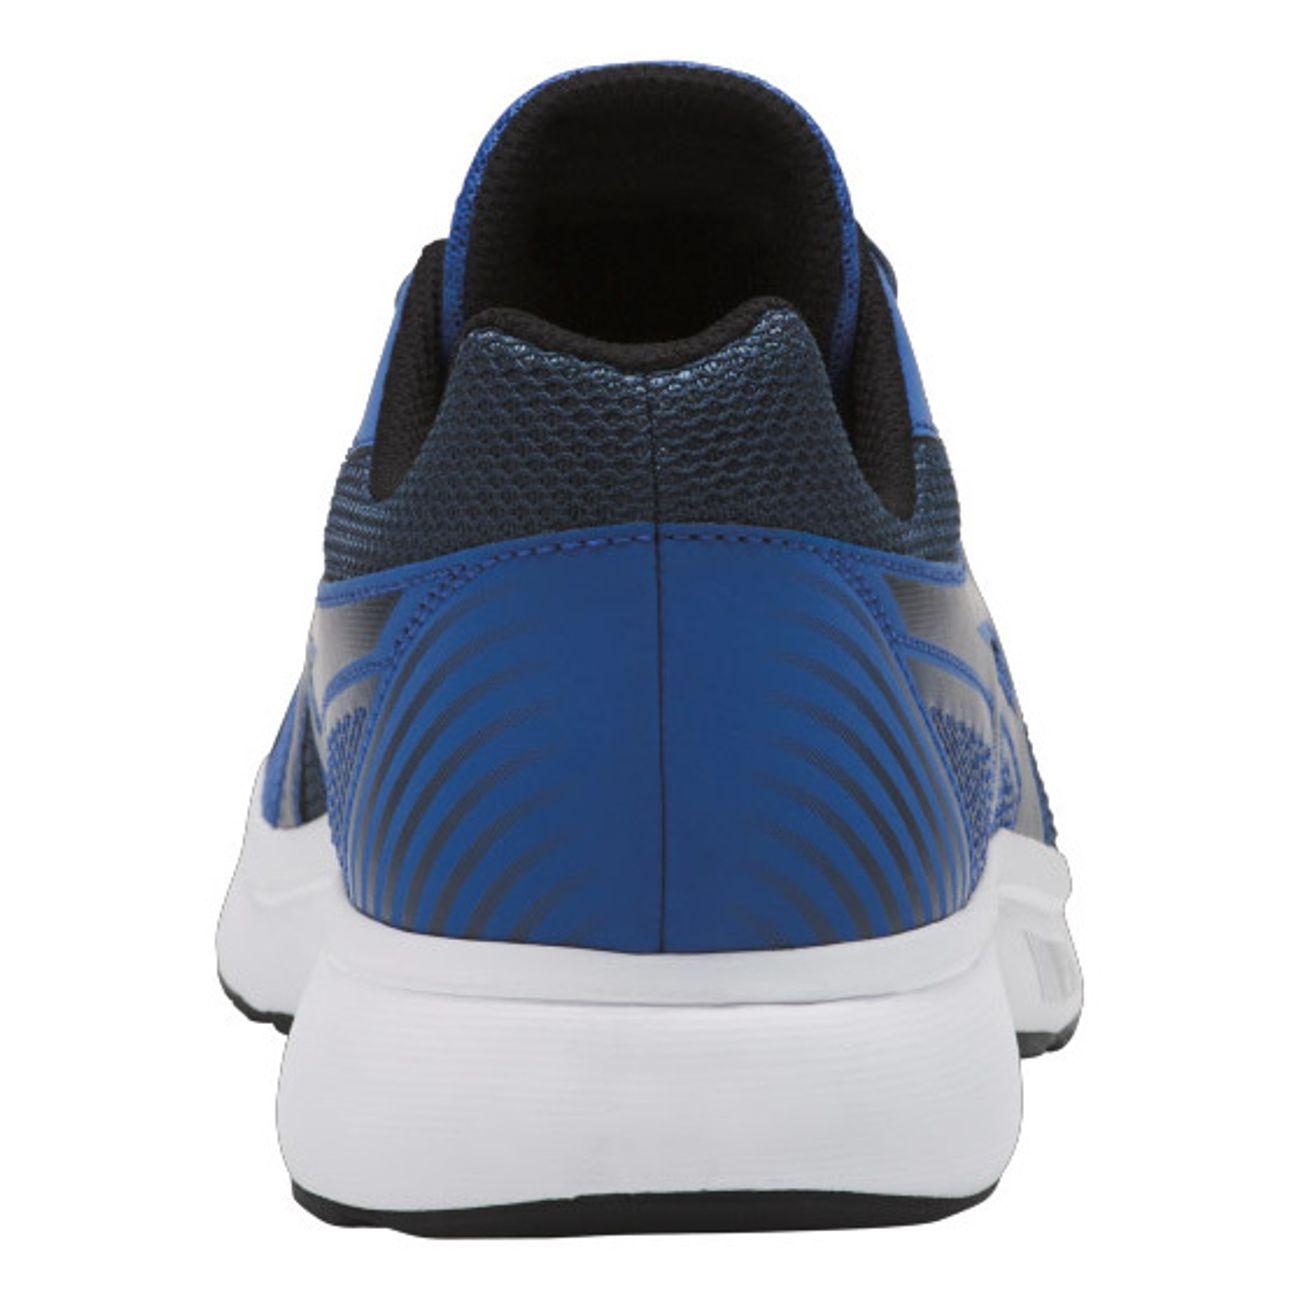 Compre Compre Stormer 2 Sapatilhas E Go Baratos Baratos Sport Preços Asics 1B6qwtF